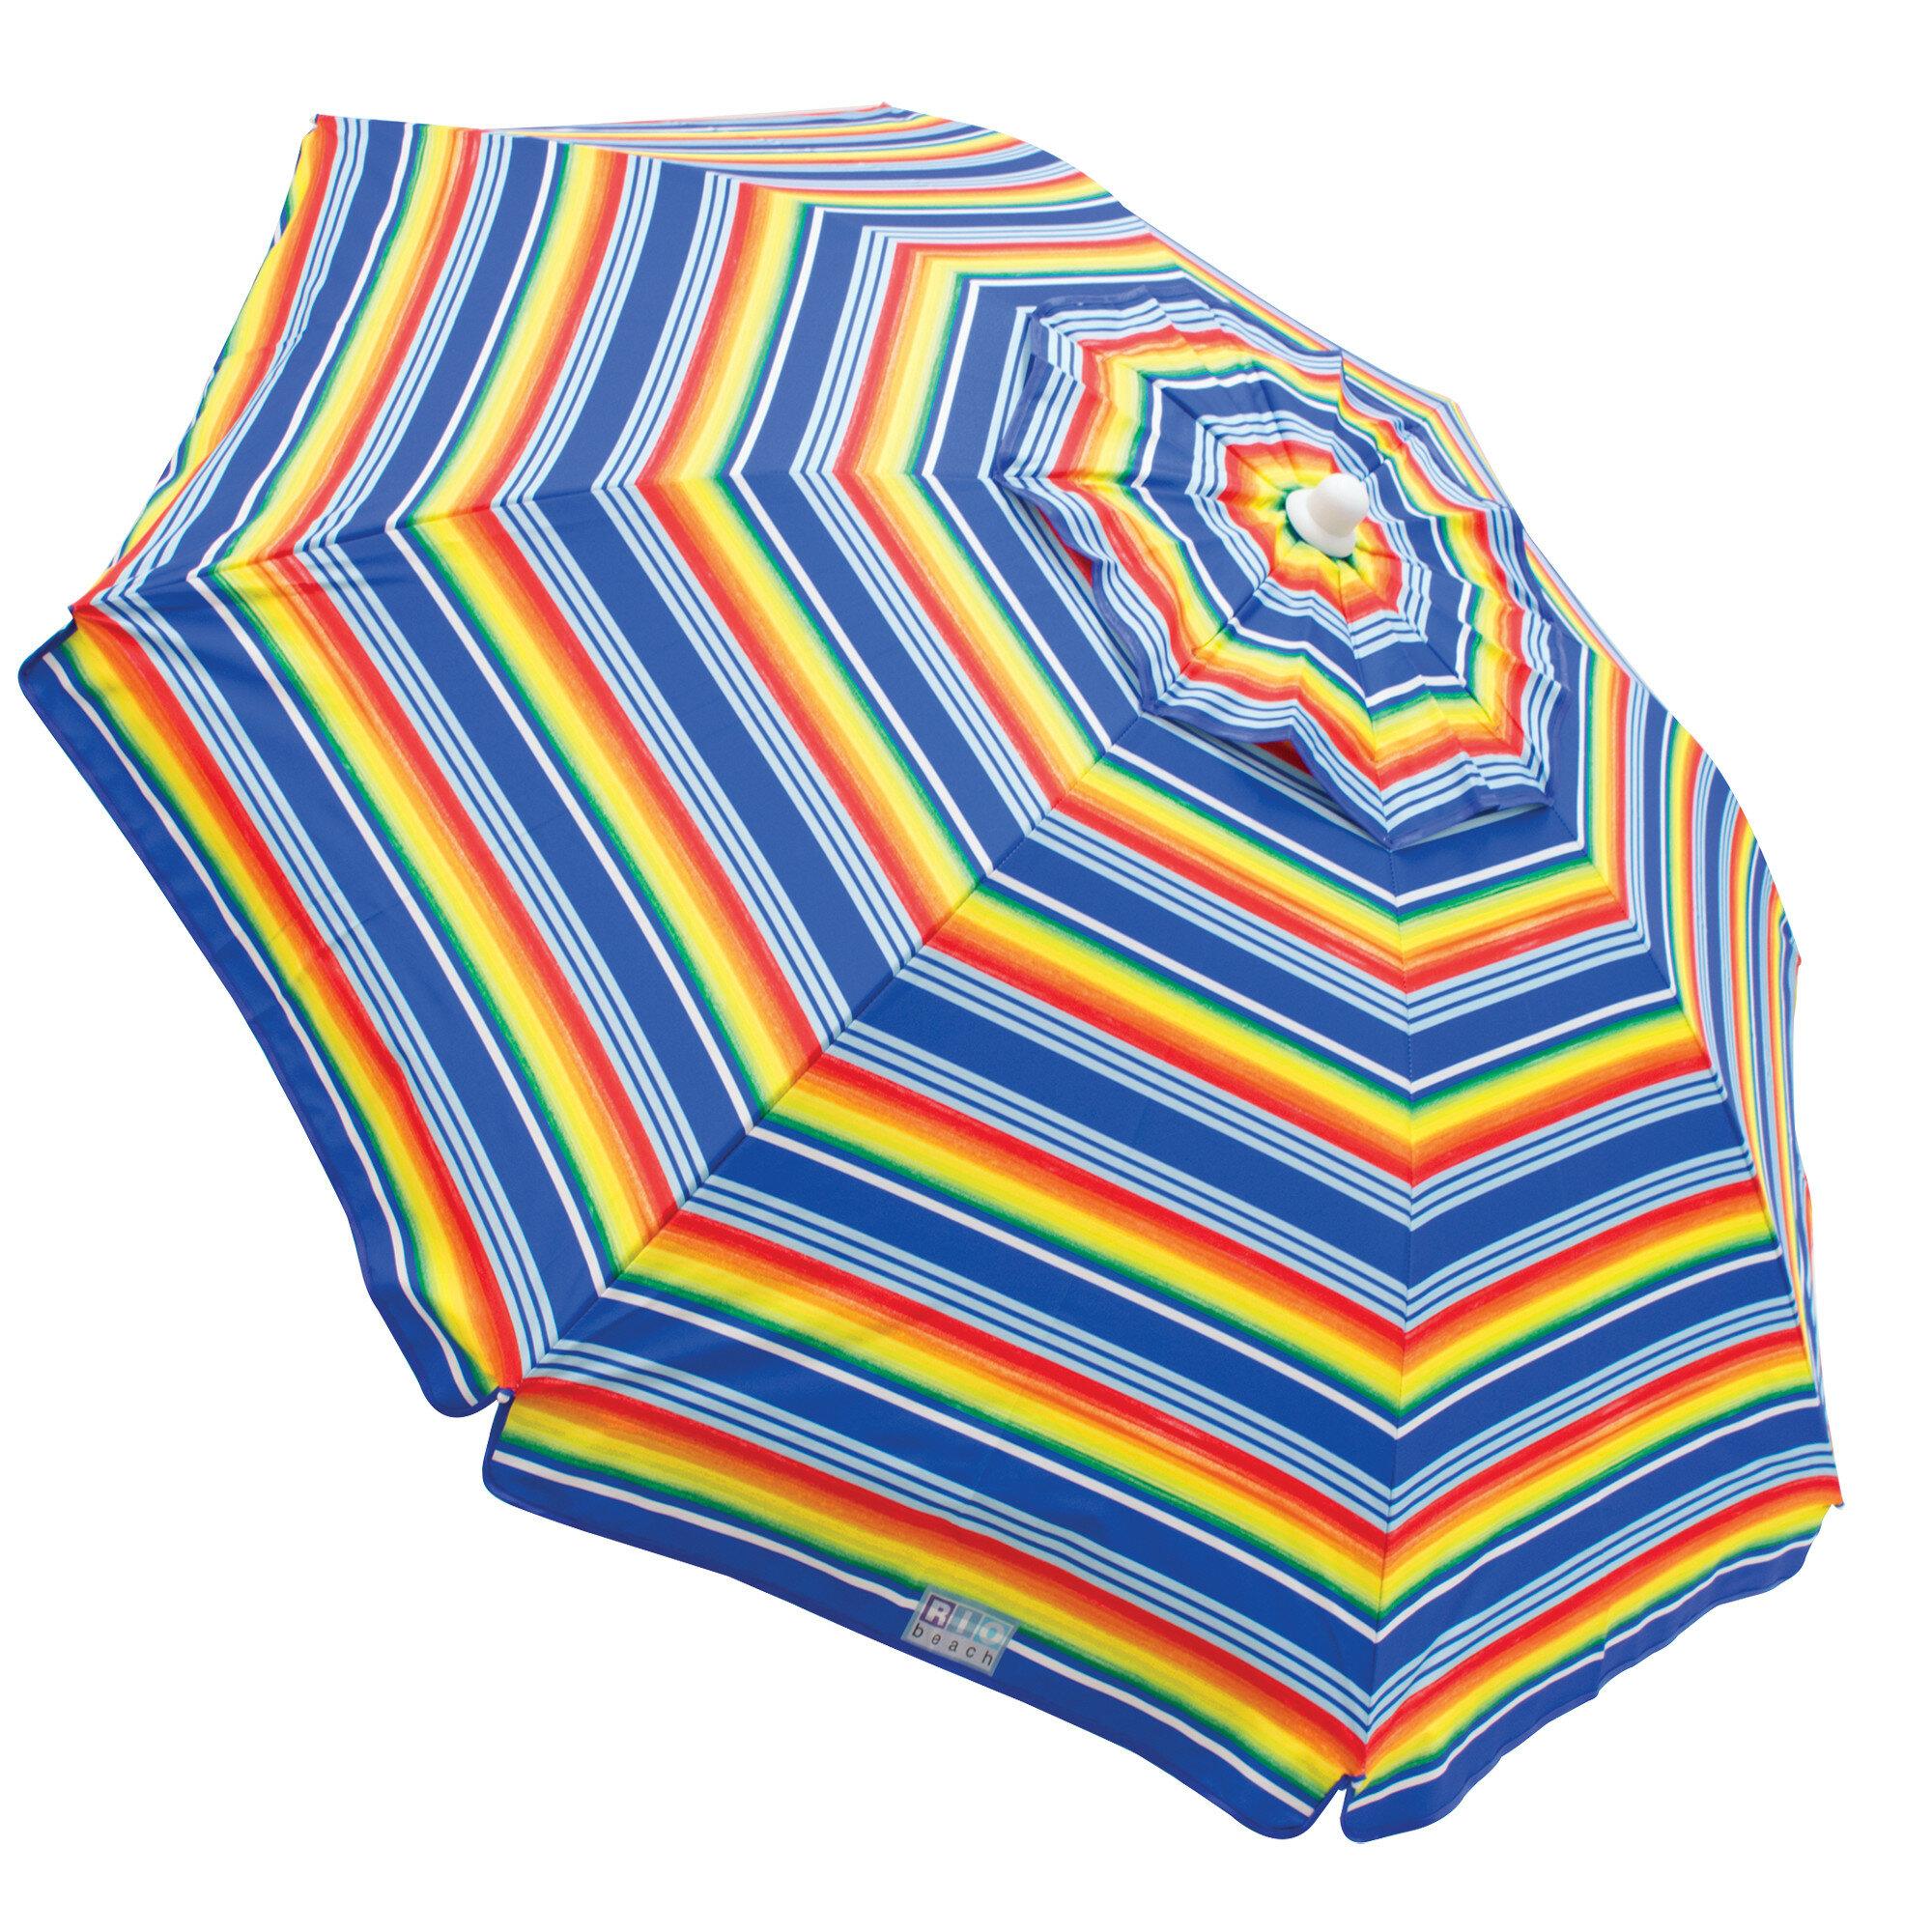 d7b938d83c 6 ft. Beach Umbrella